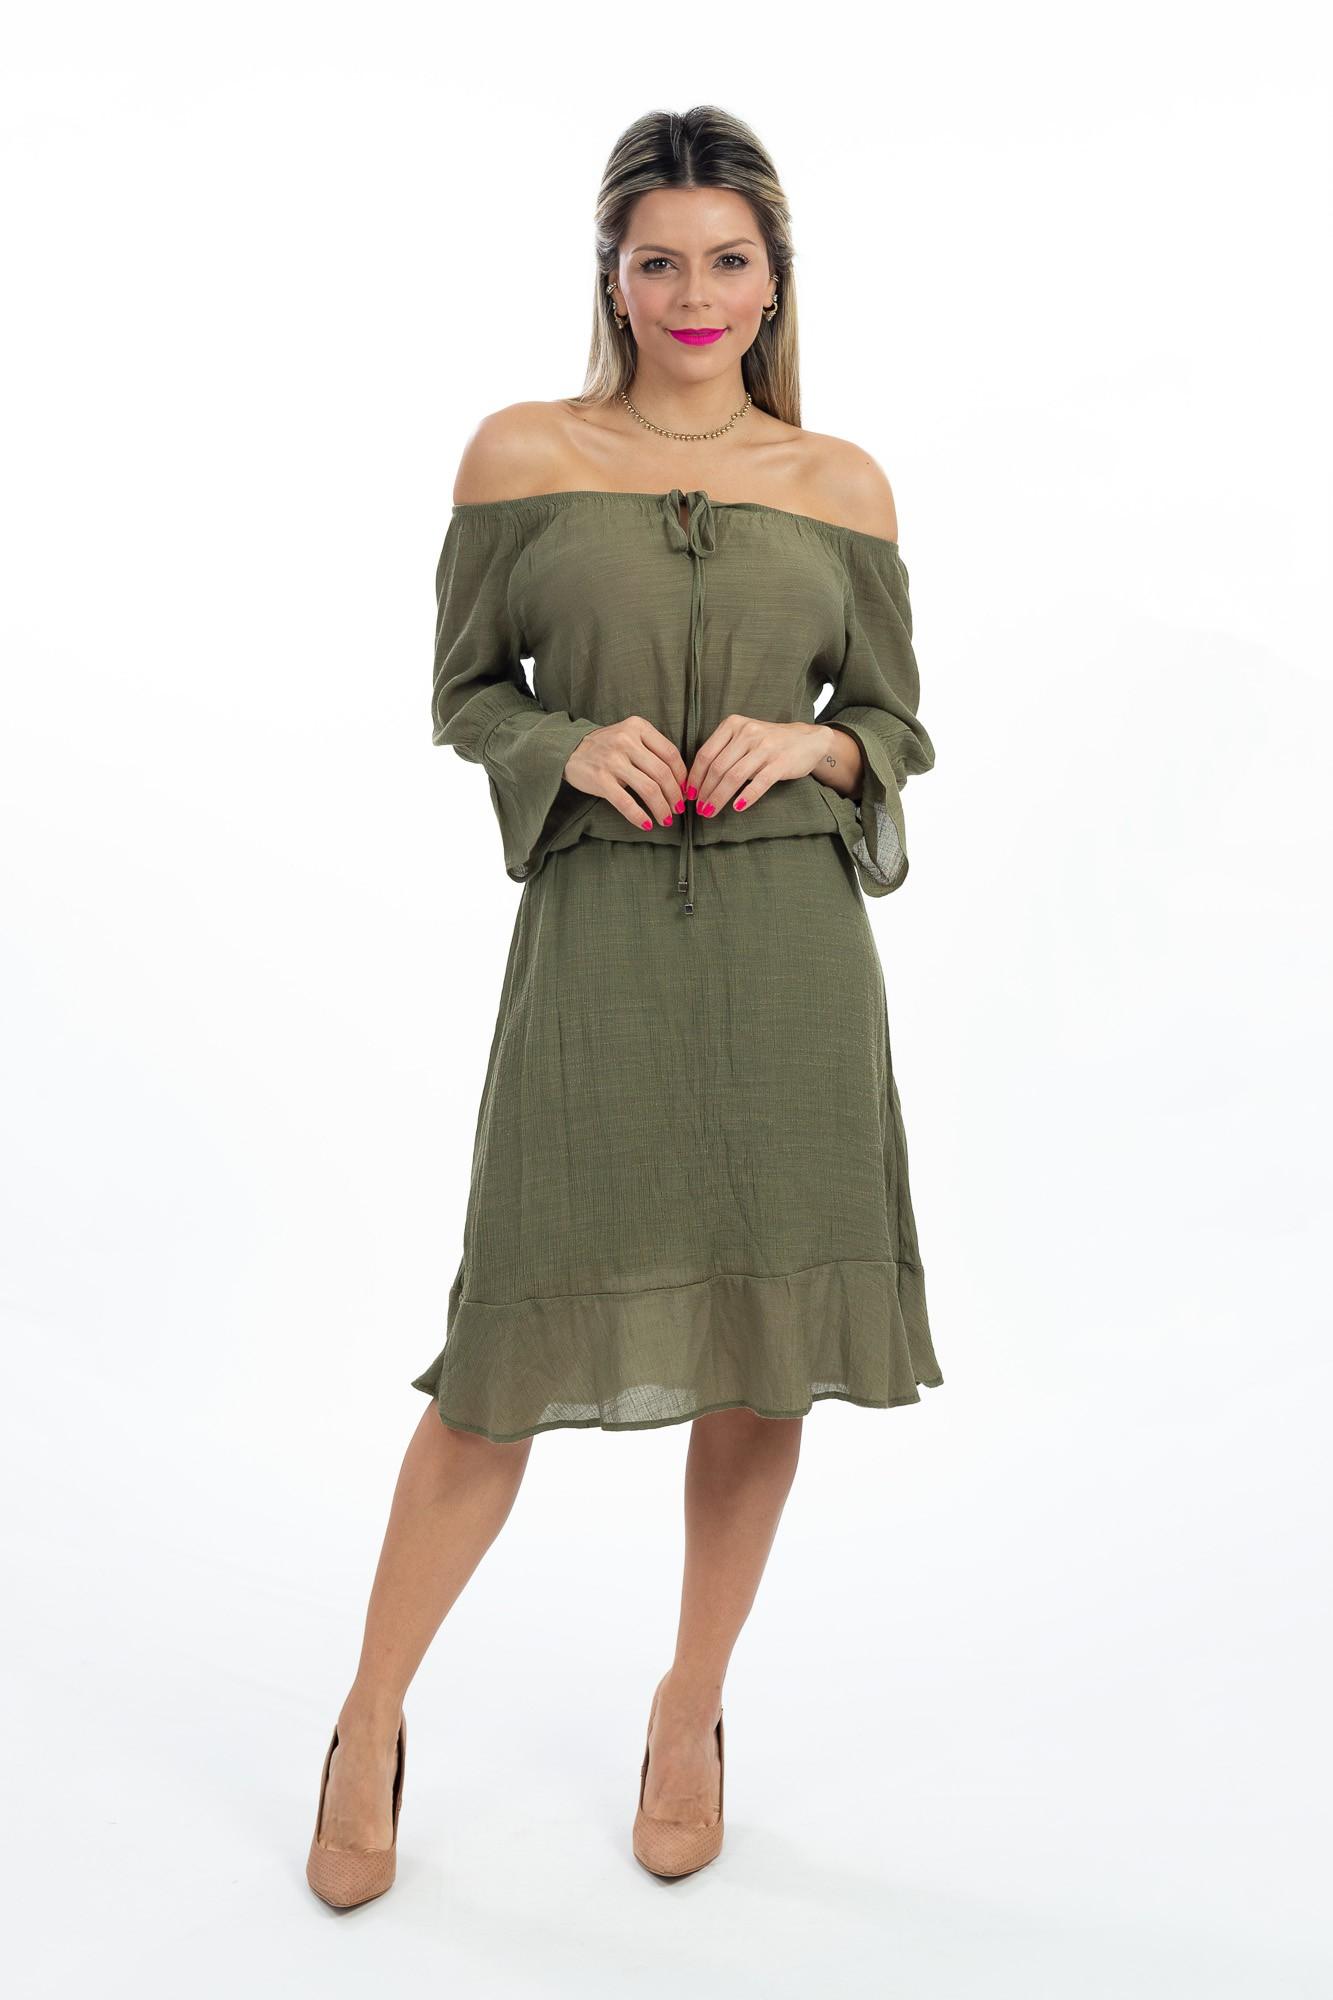 Vestido verde musgo elástico cintura Siberian tam 38